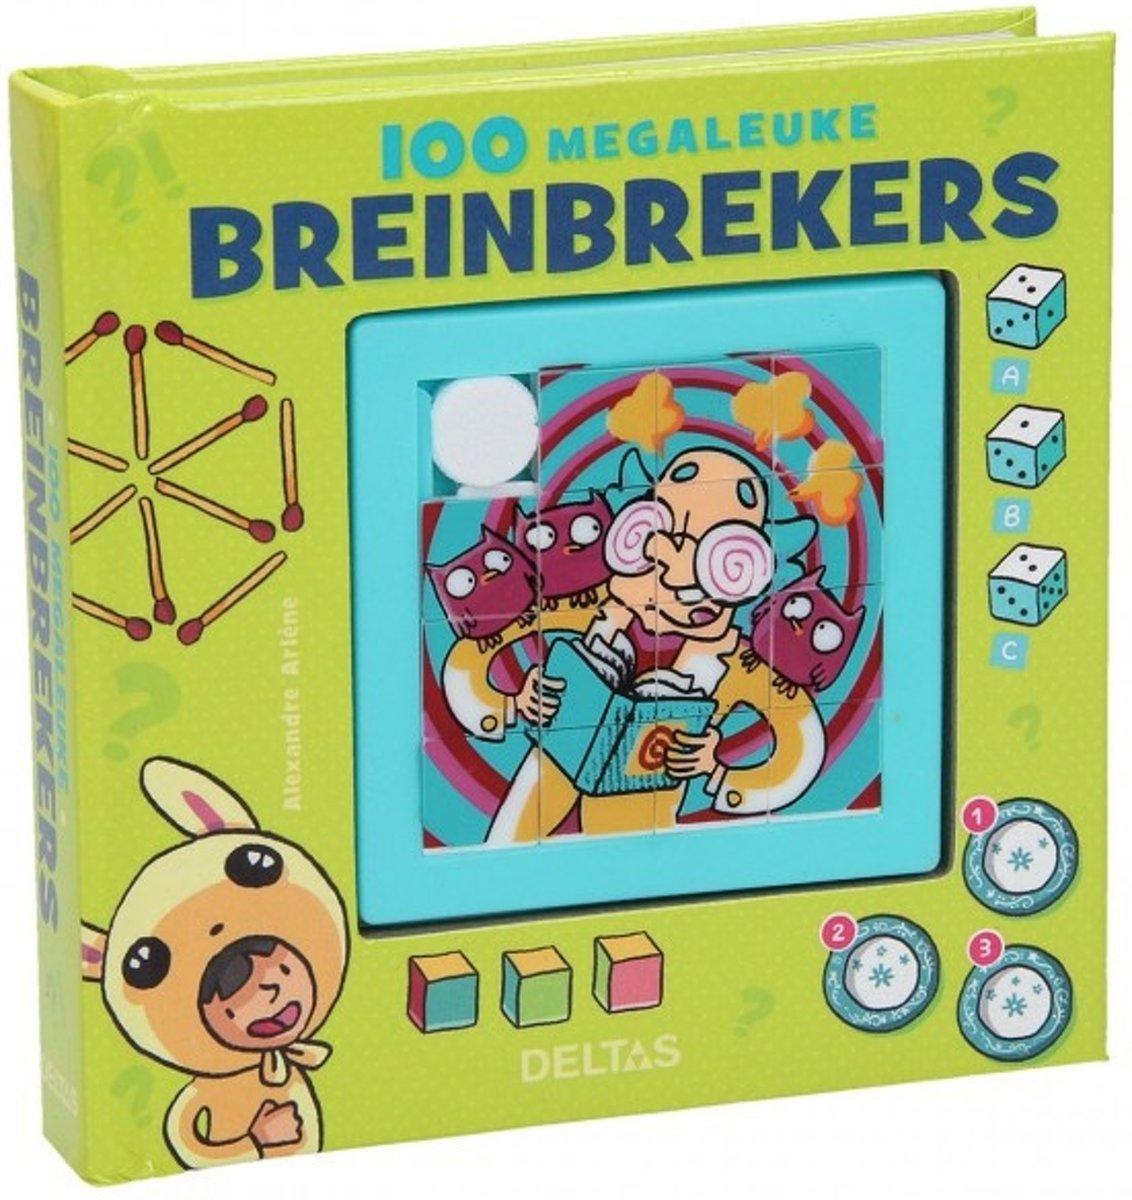 100 megaleuke breinbrekers